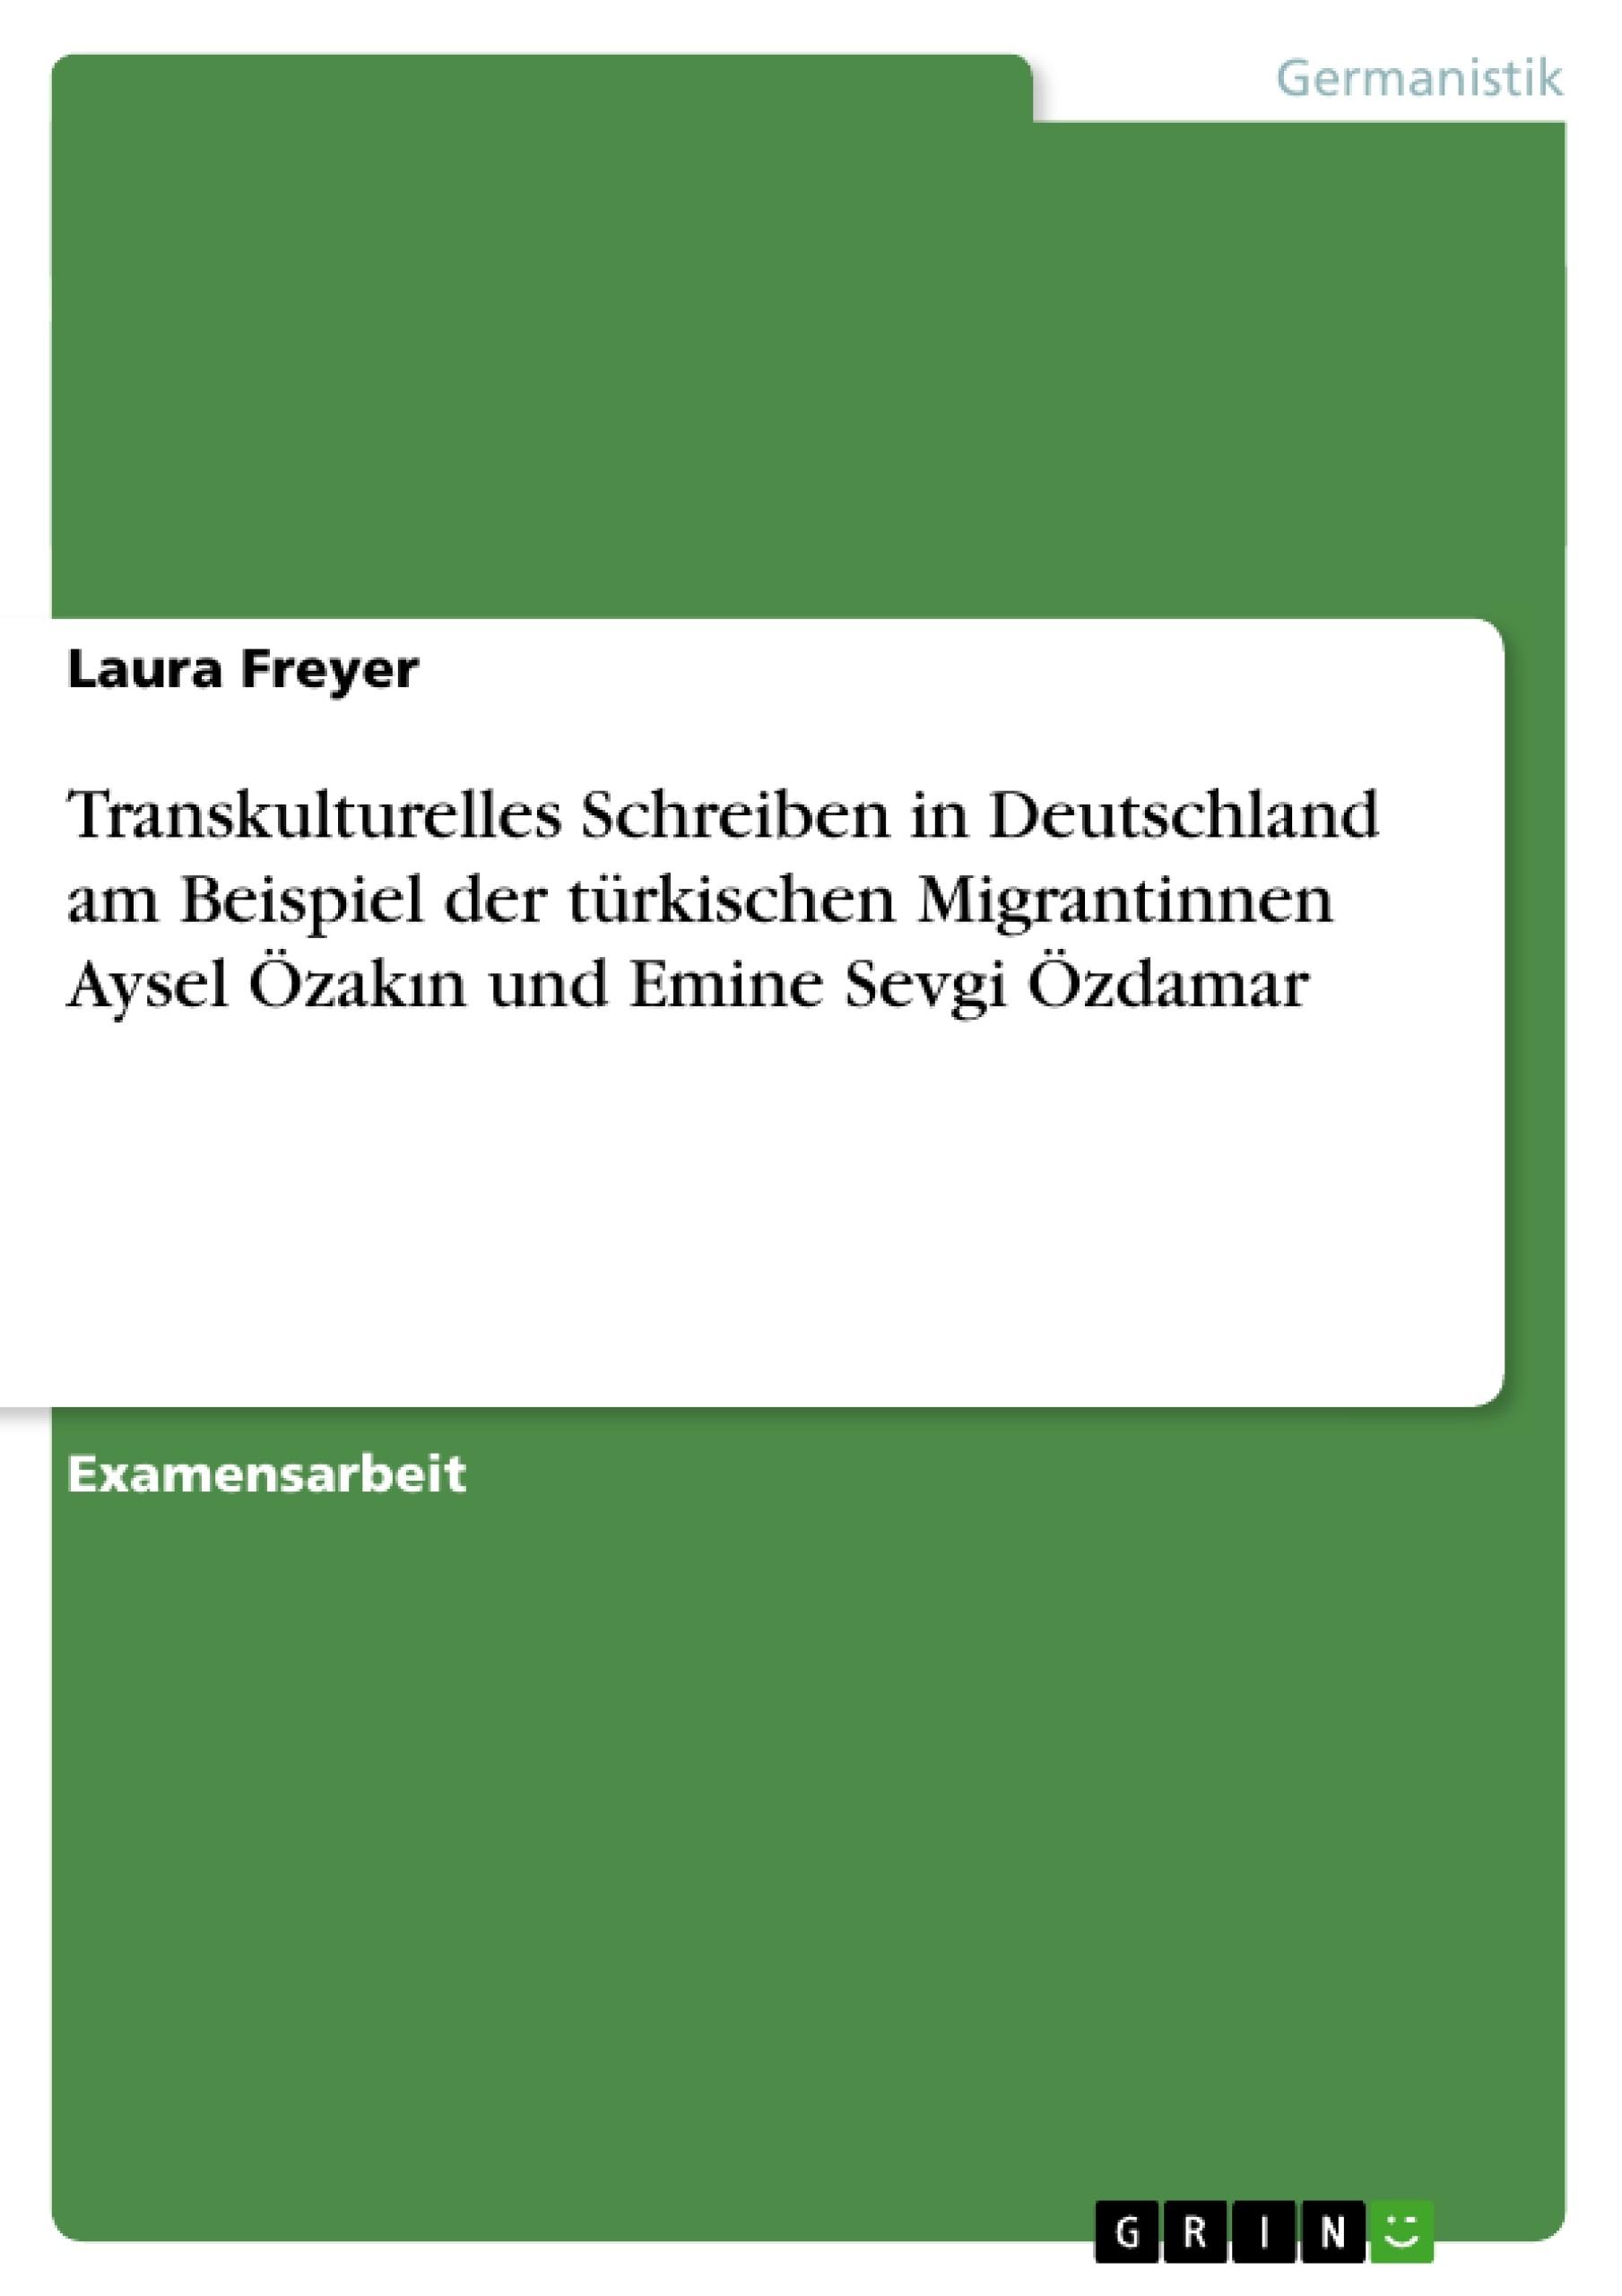 Titel: Transkulturelles Schreiben in Deutschland am Beispiel der türkischen Migrantinnen Aysel Özakın und Emine Sevgi Özdamar